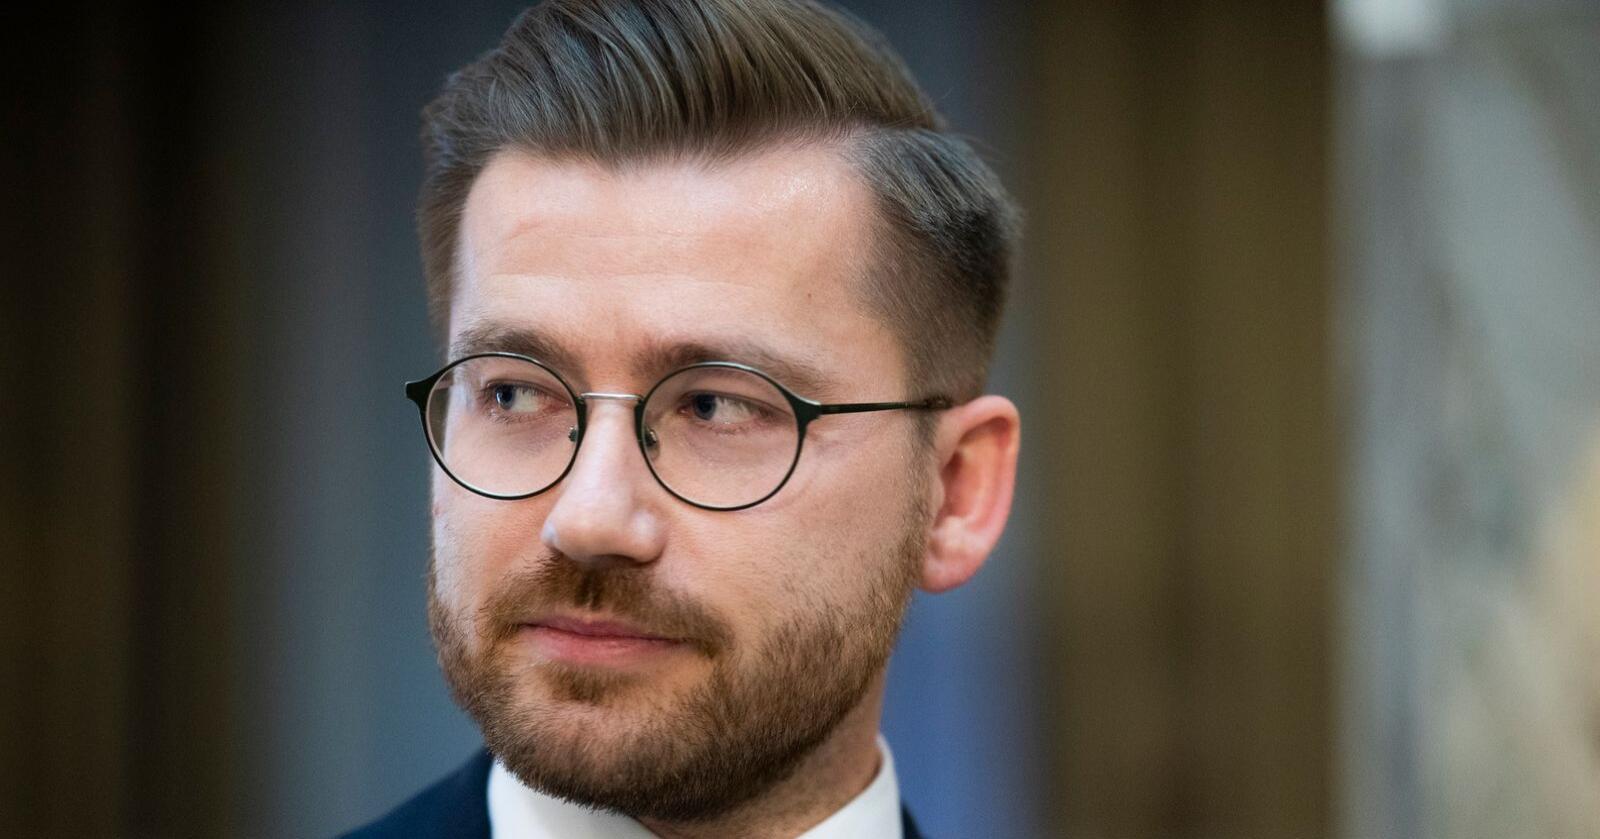 Klima- og miljøminister Sveinung Rotevatn har ifølge Aftenposten betalt for lite i skatt på pendlerboligen han har fått tildelt. Foto: Berit Roald / NTB